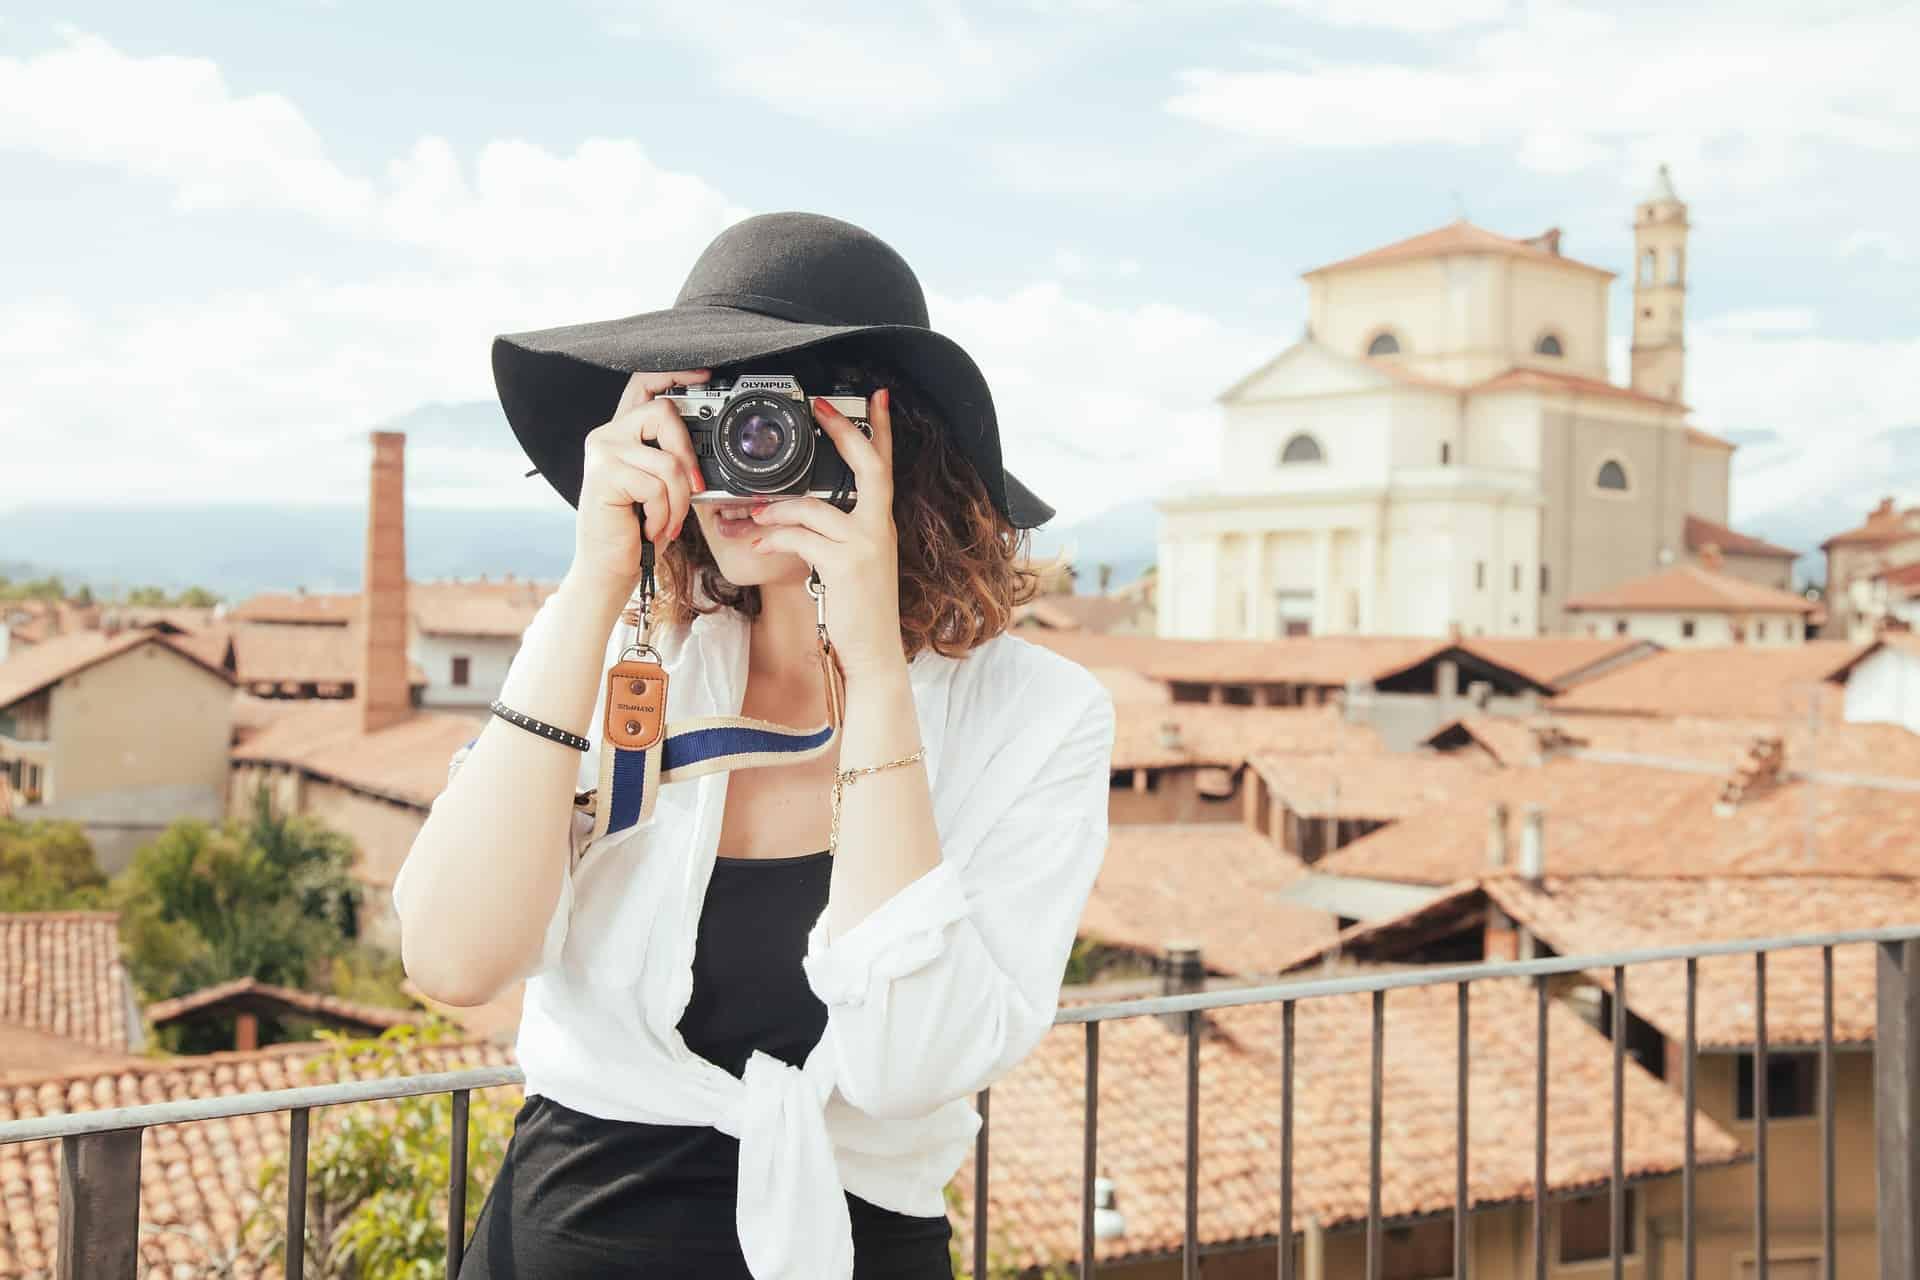 Fotografieren lernen: Der Weg zu einem guten Fotografen